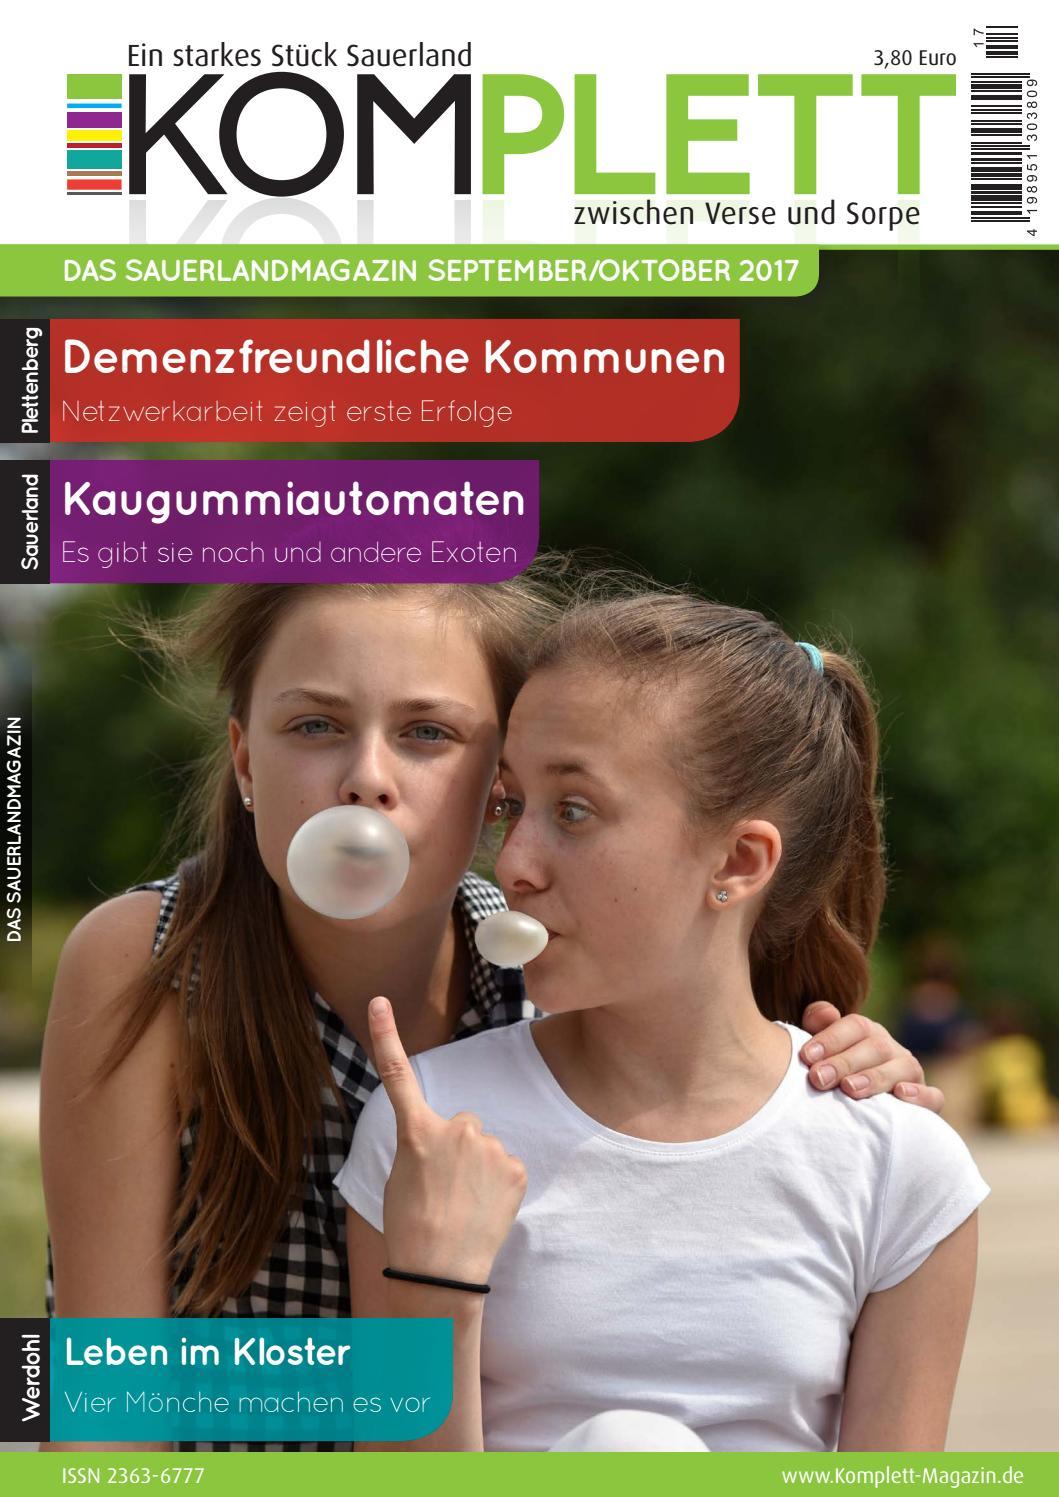 Komplett. Das Sauerlandmagazin. Zwischen Verse und Sorpe September ...